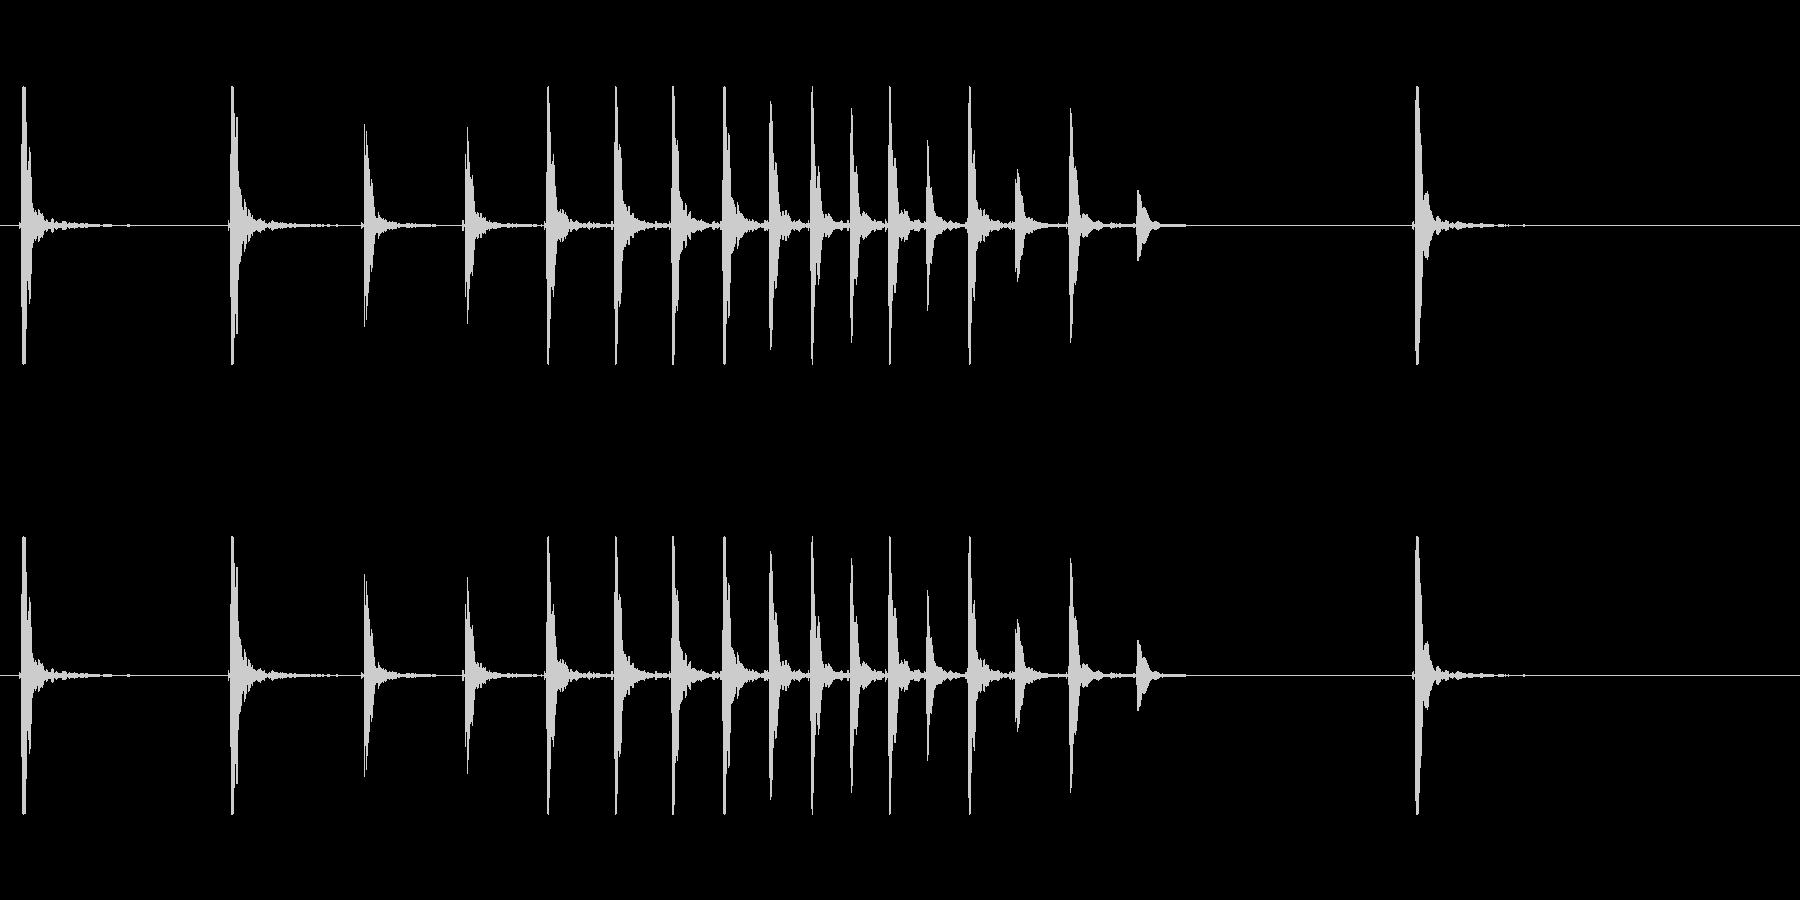 鼓3ポポポポポポン和風歌舞伎イヨーポン伝の未再生の波形